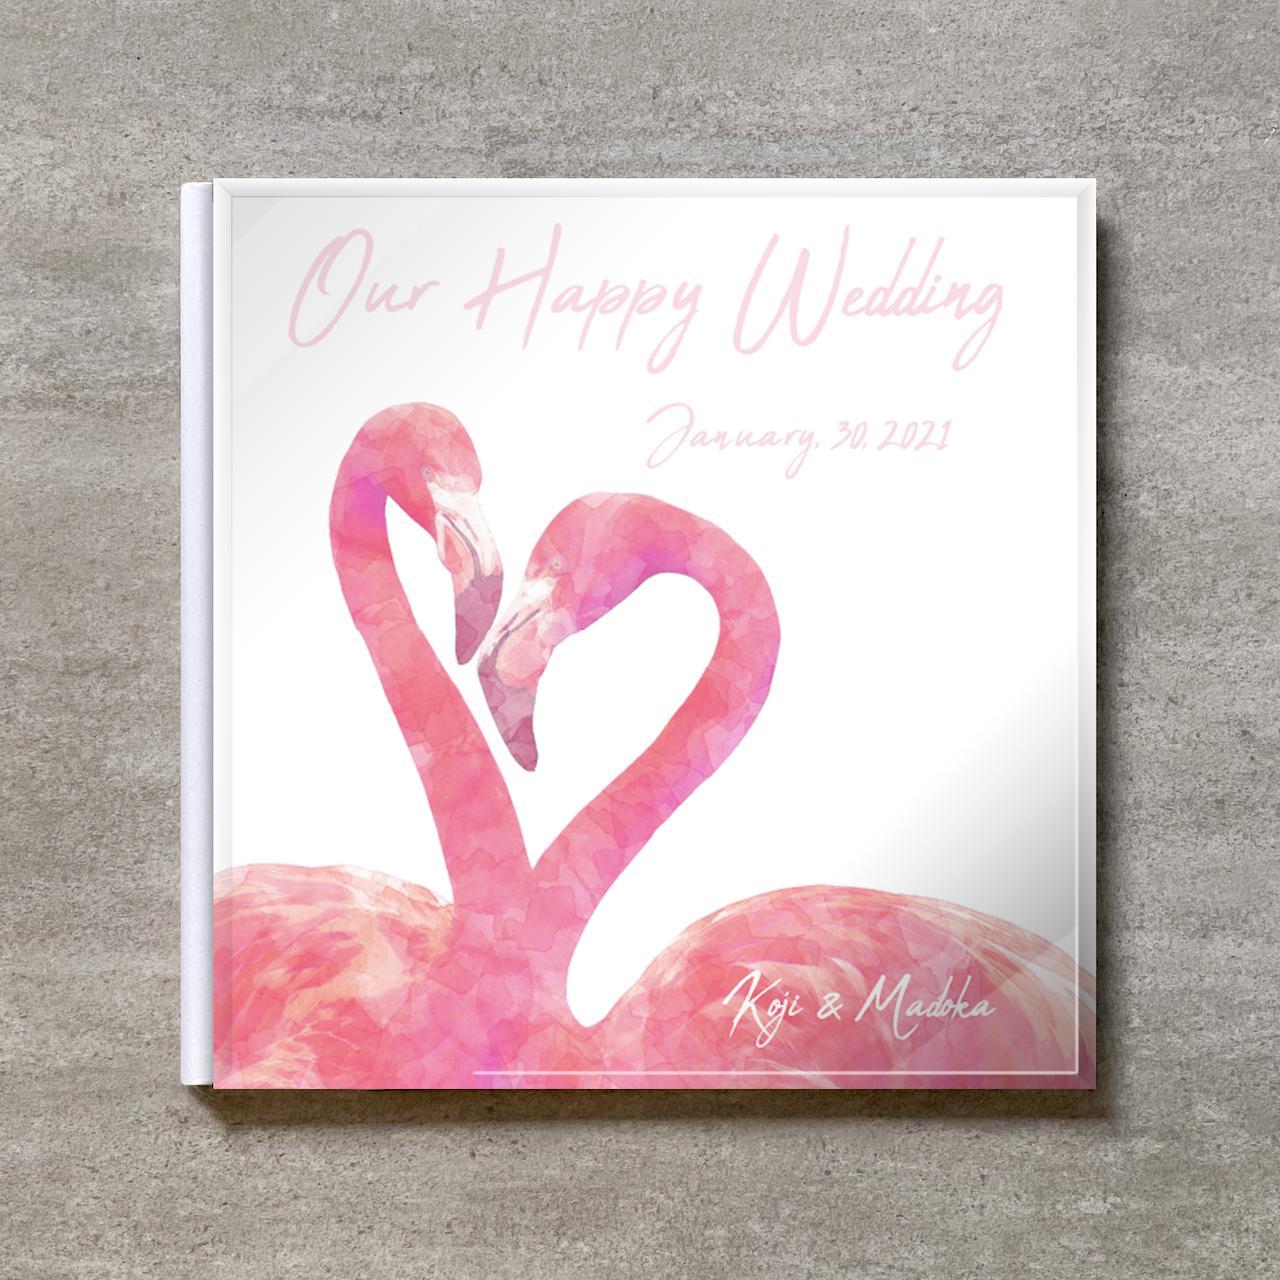 White Flamingo_A3スクエア_50ページ/100カット_スリムフラット(アクリルカバー)